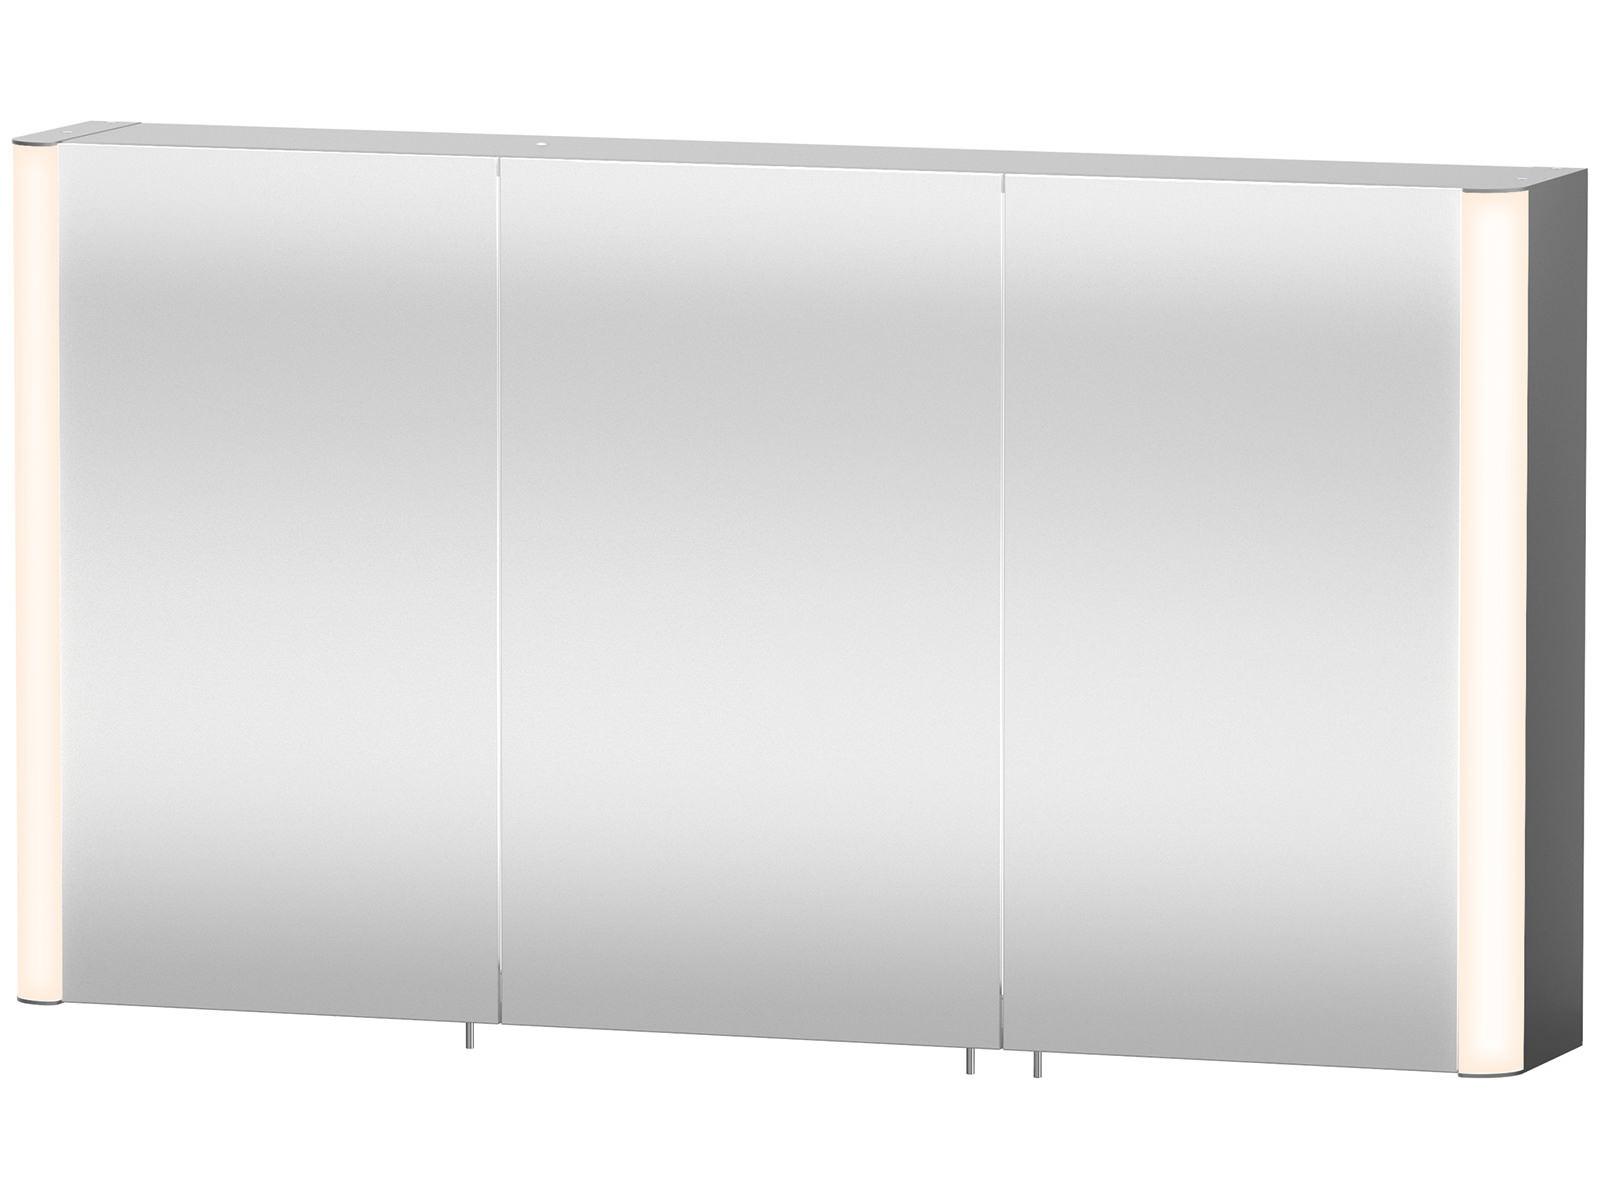 Duravit Aluminium White 1200mm 3 Door Mirror Cabinet